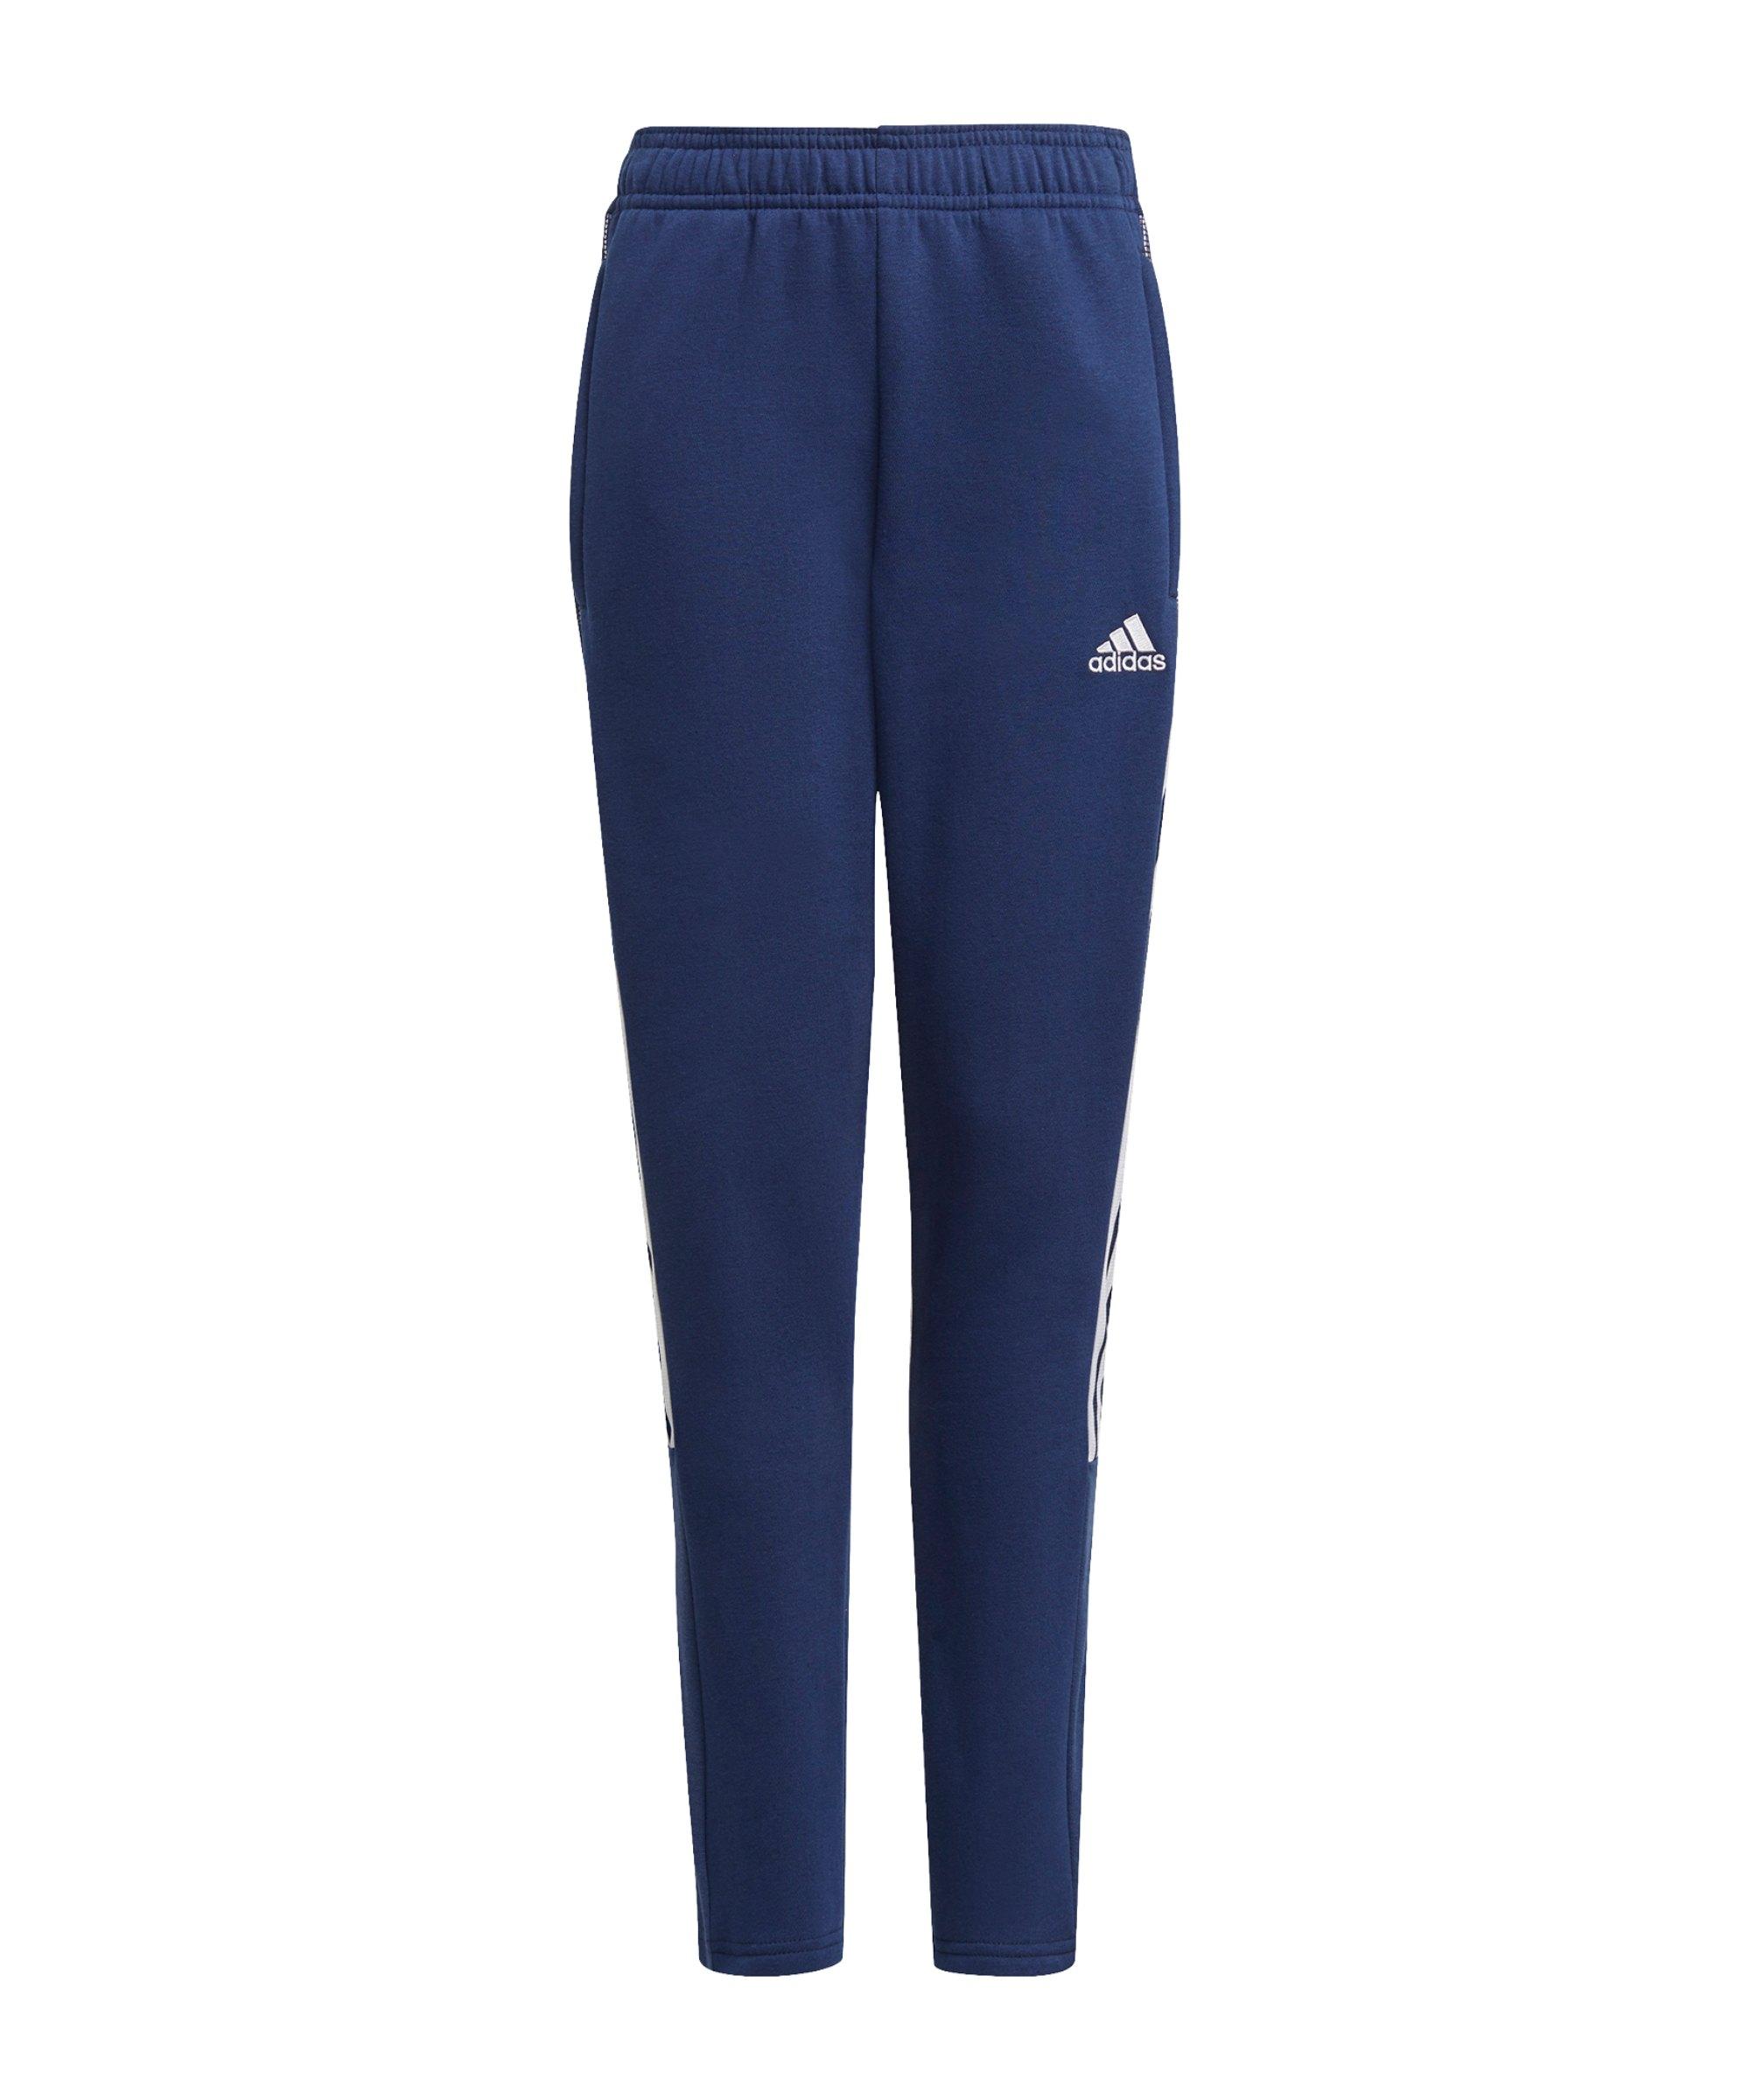 adidas Tiro 21 Jogginghose Kids Dunkelblau - blau